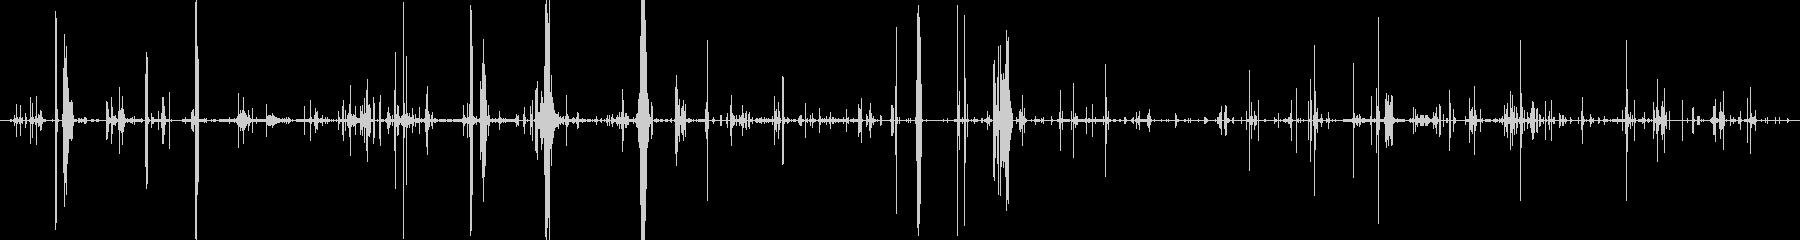 口 スマックリップス03の未再生の波形